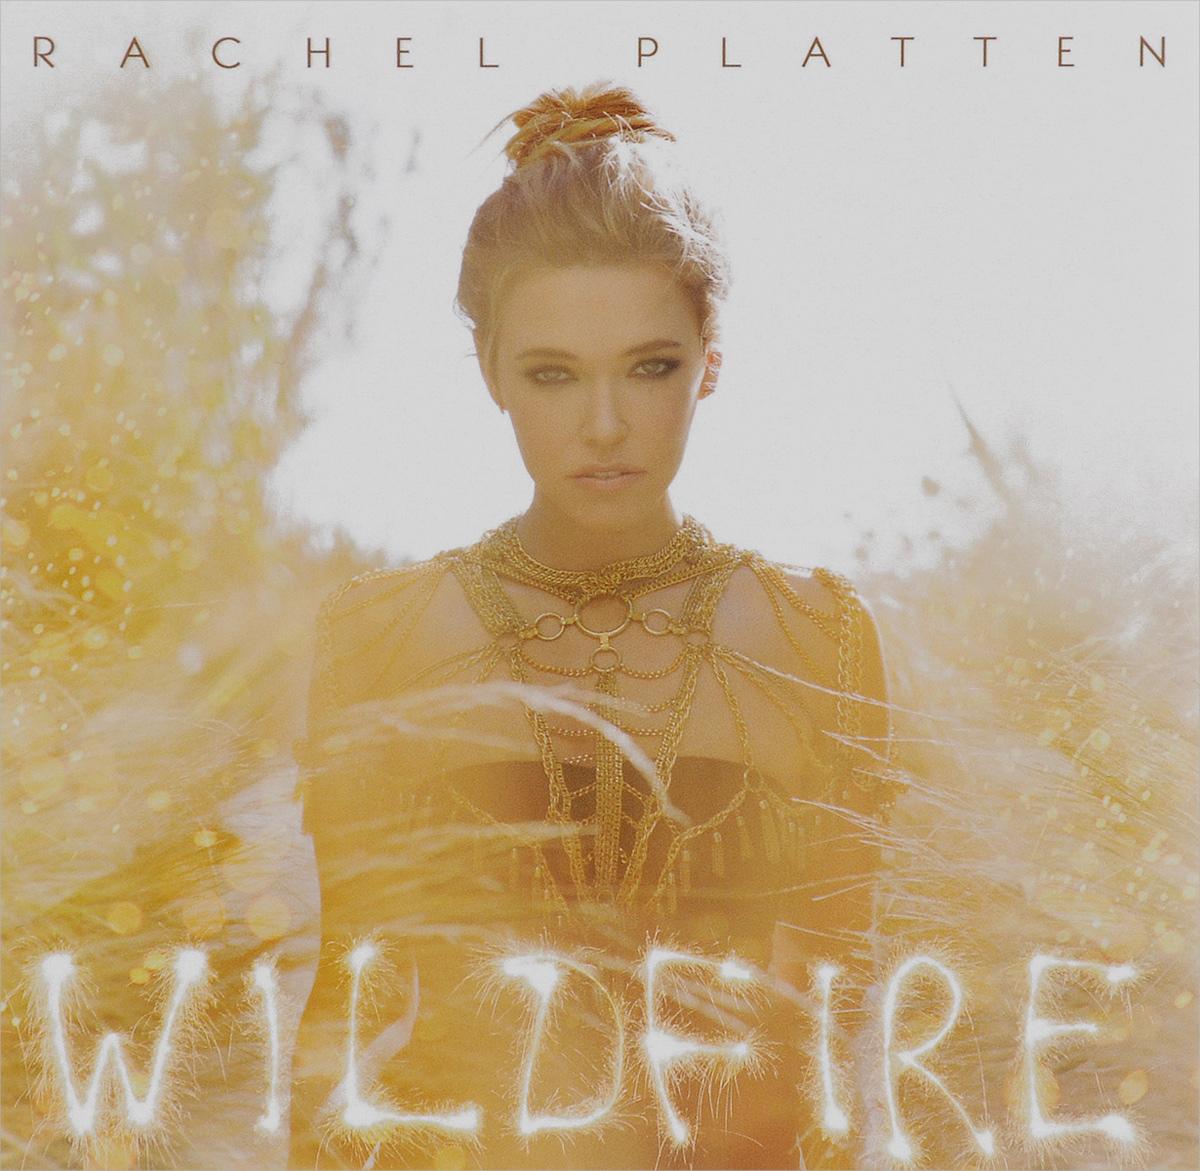 Rachel Platten Rachel Platten. Wildfire. Deluxe Version rachel s dream